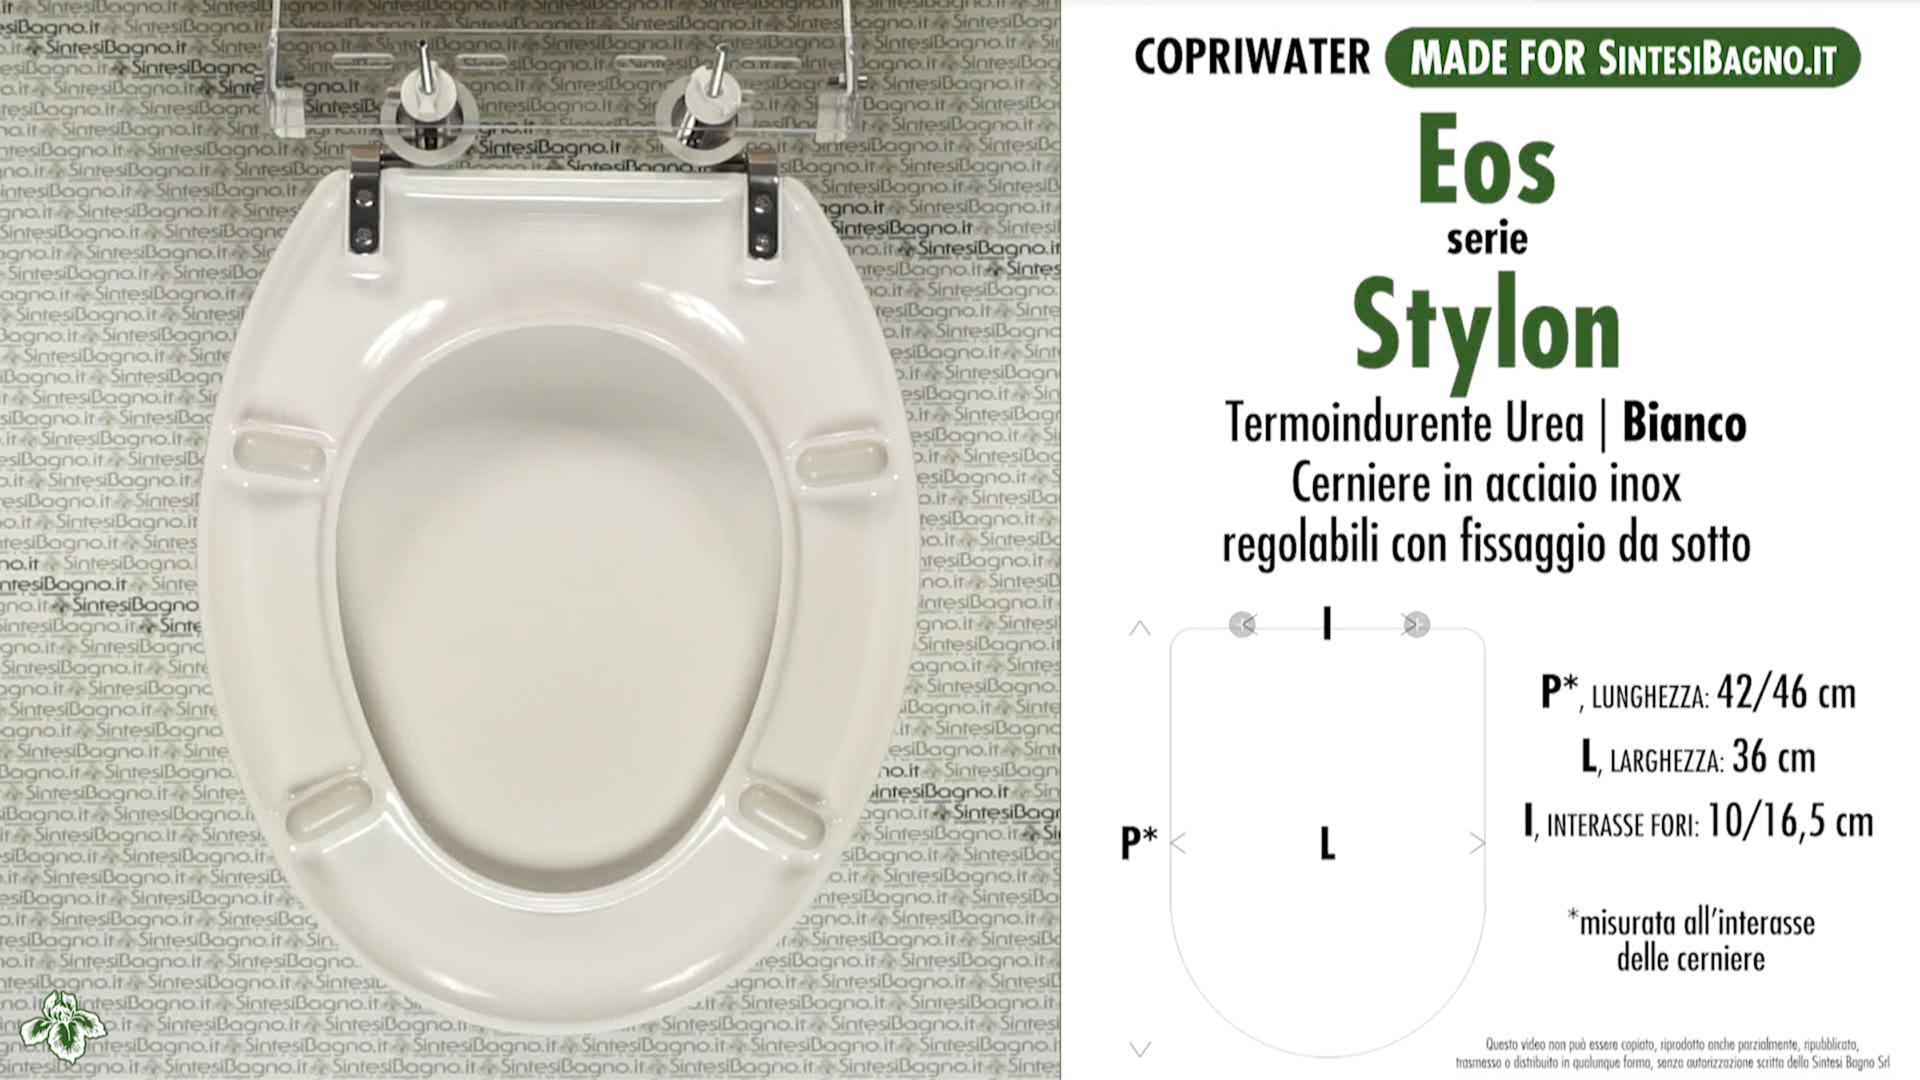 SCHEDA TECNICA MISURE copriwater EOS STYLON